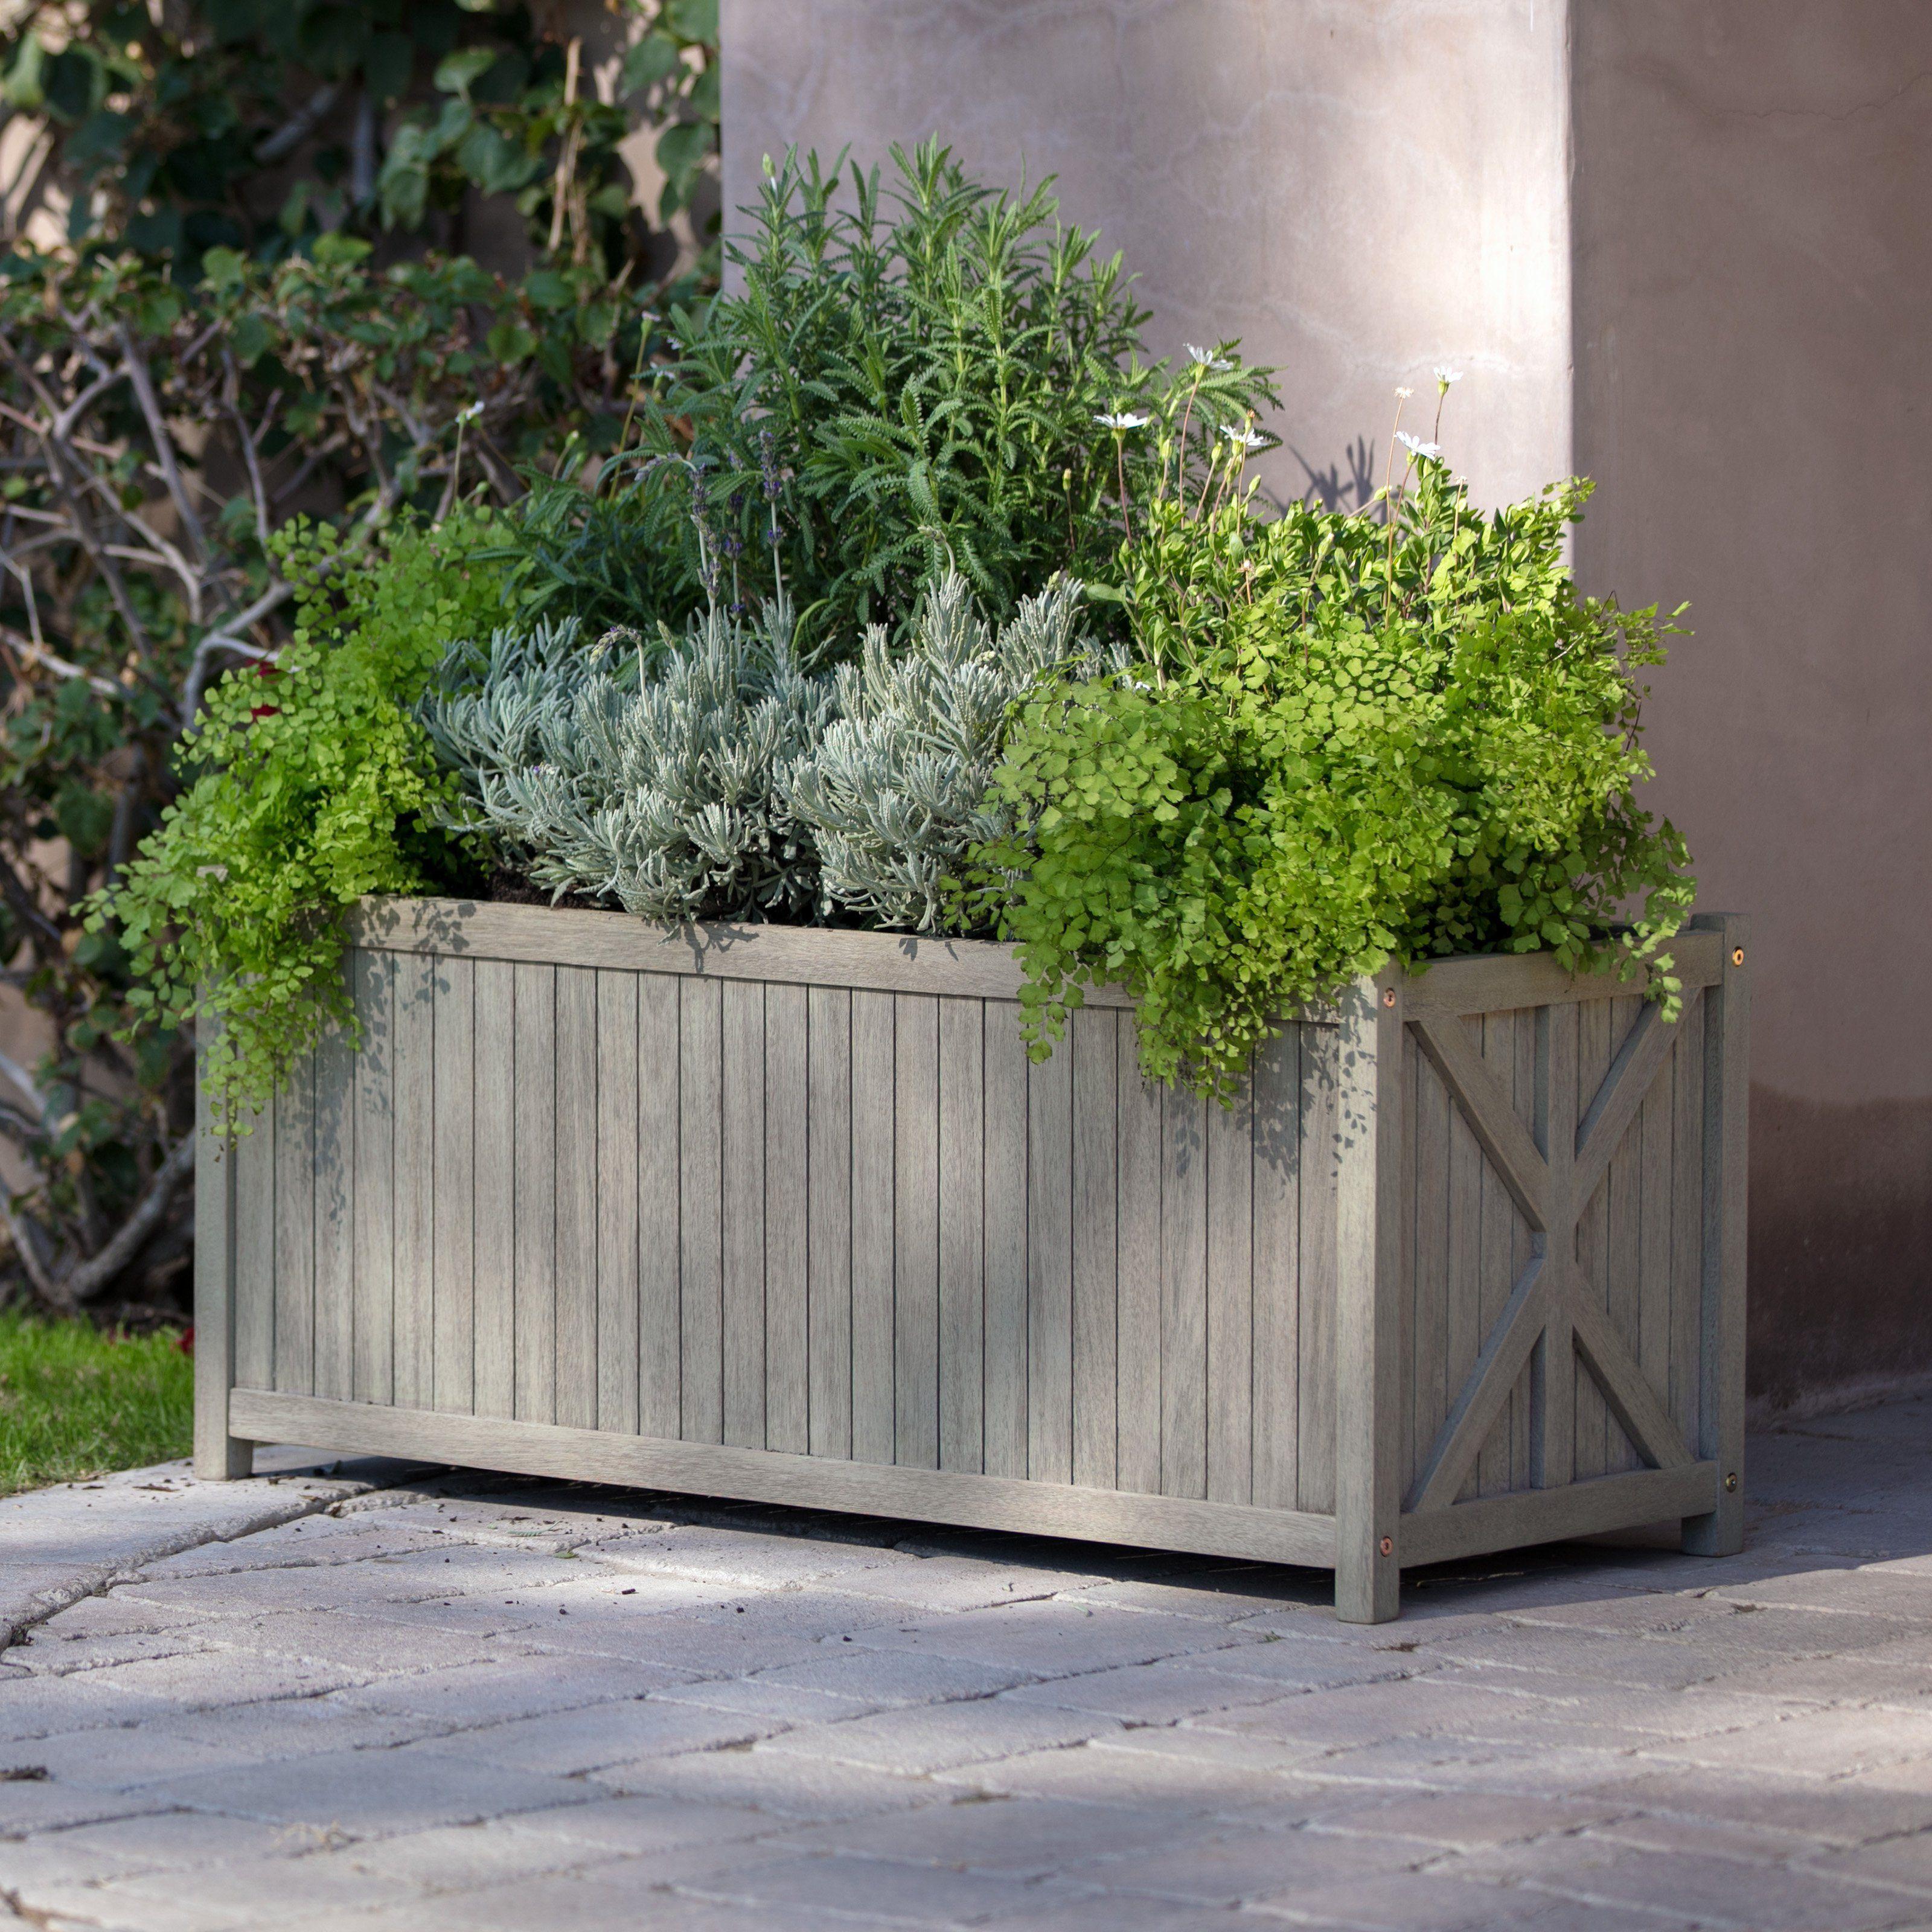 veradek series steel planters planter width metallic spanvmedcs span inch medium rust com length height amazon dp corten rectangular garden by